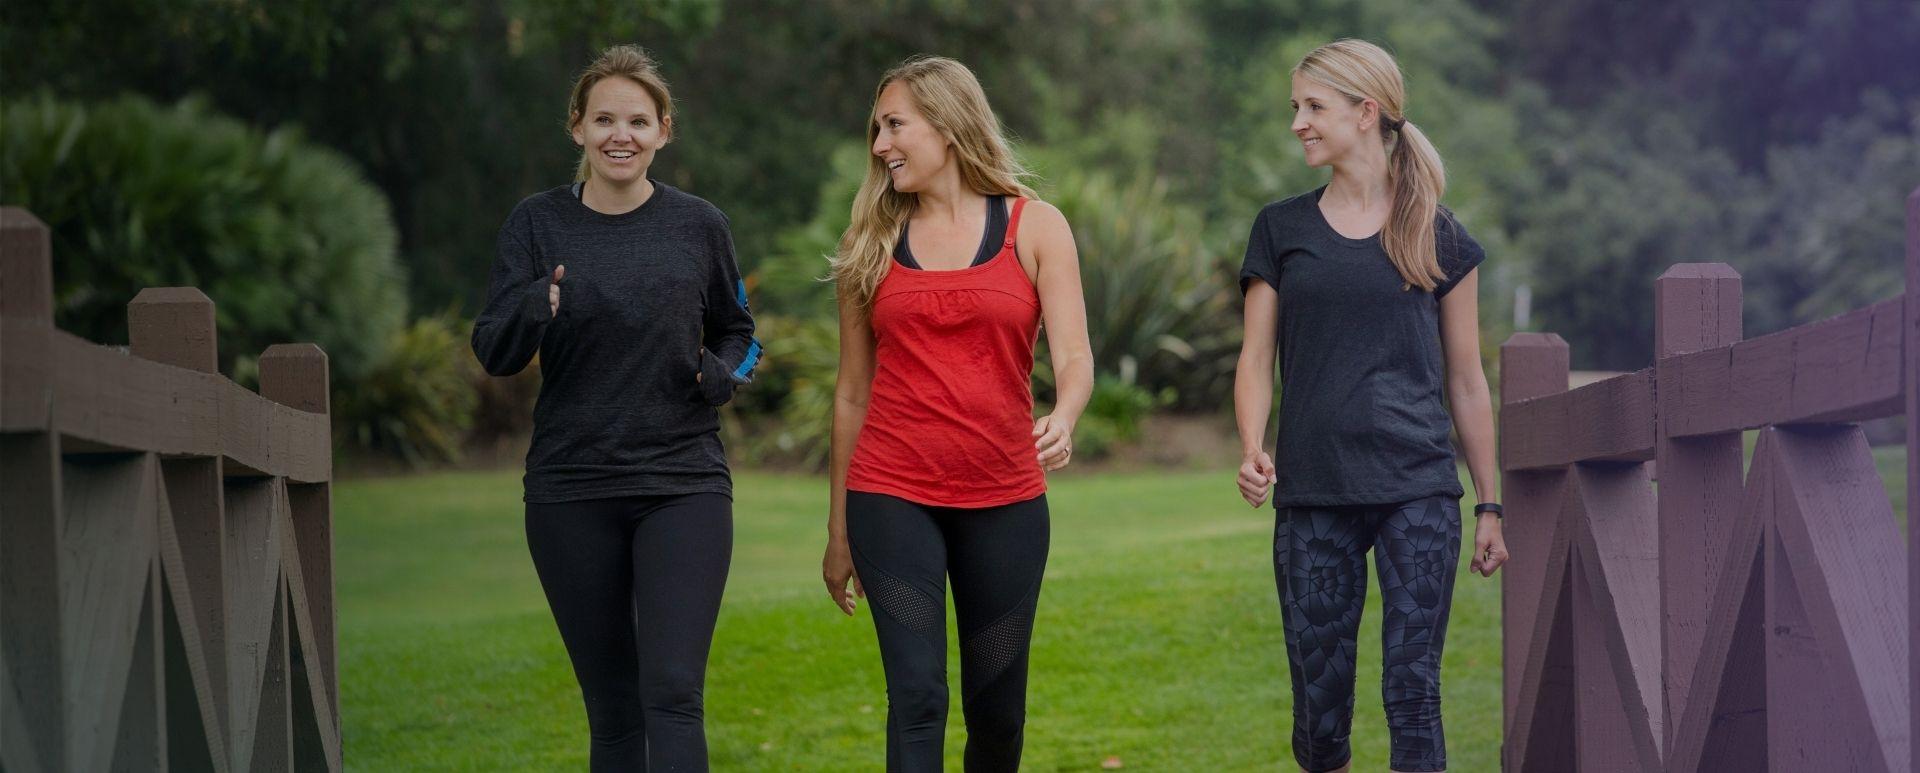 Donne che camminano in un parco